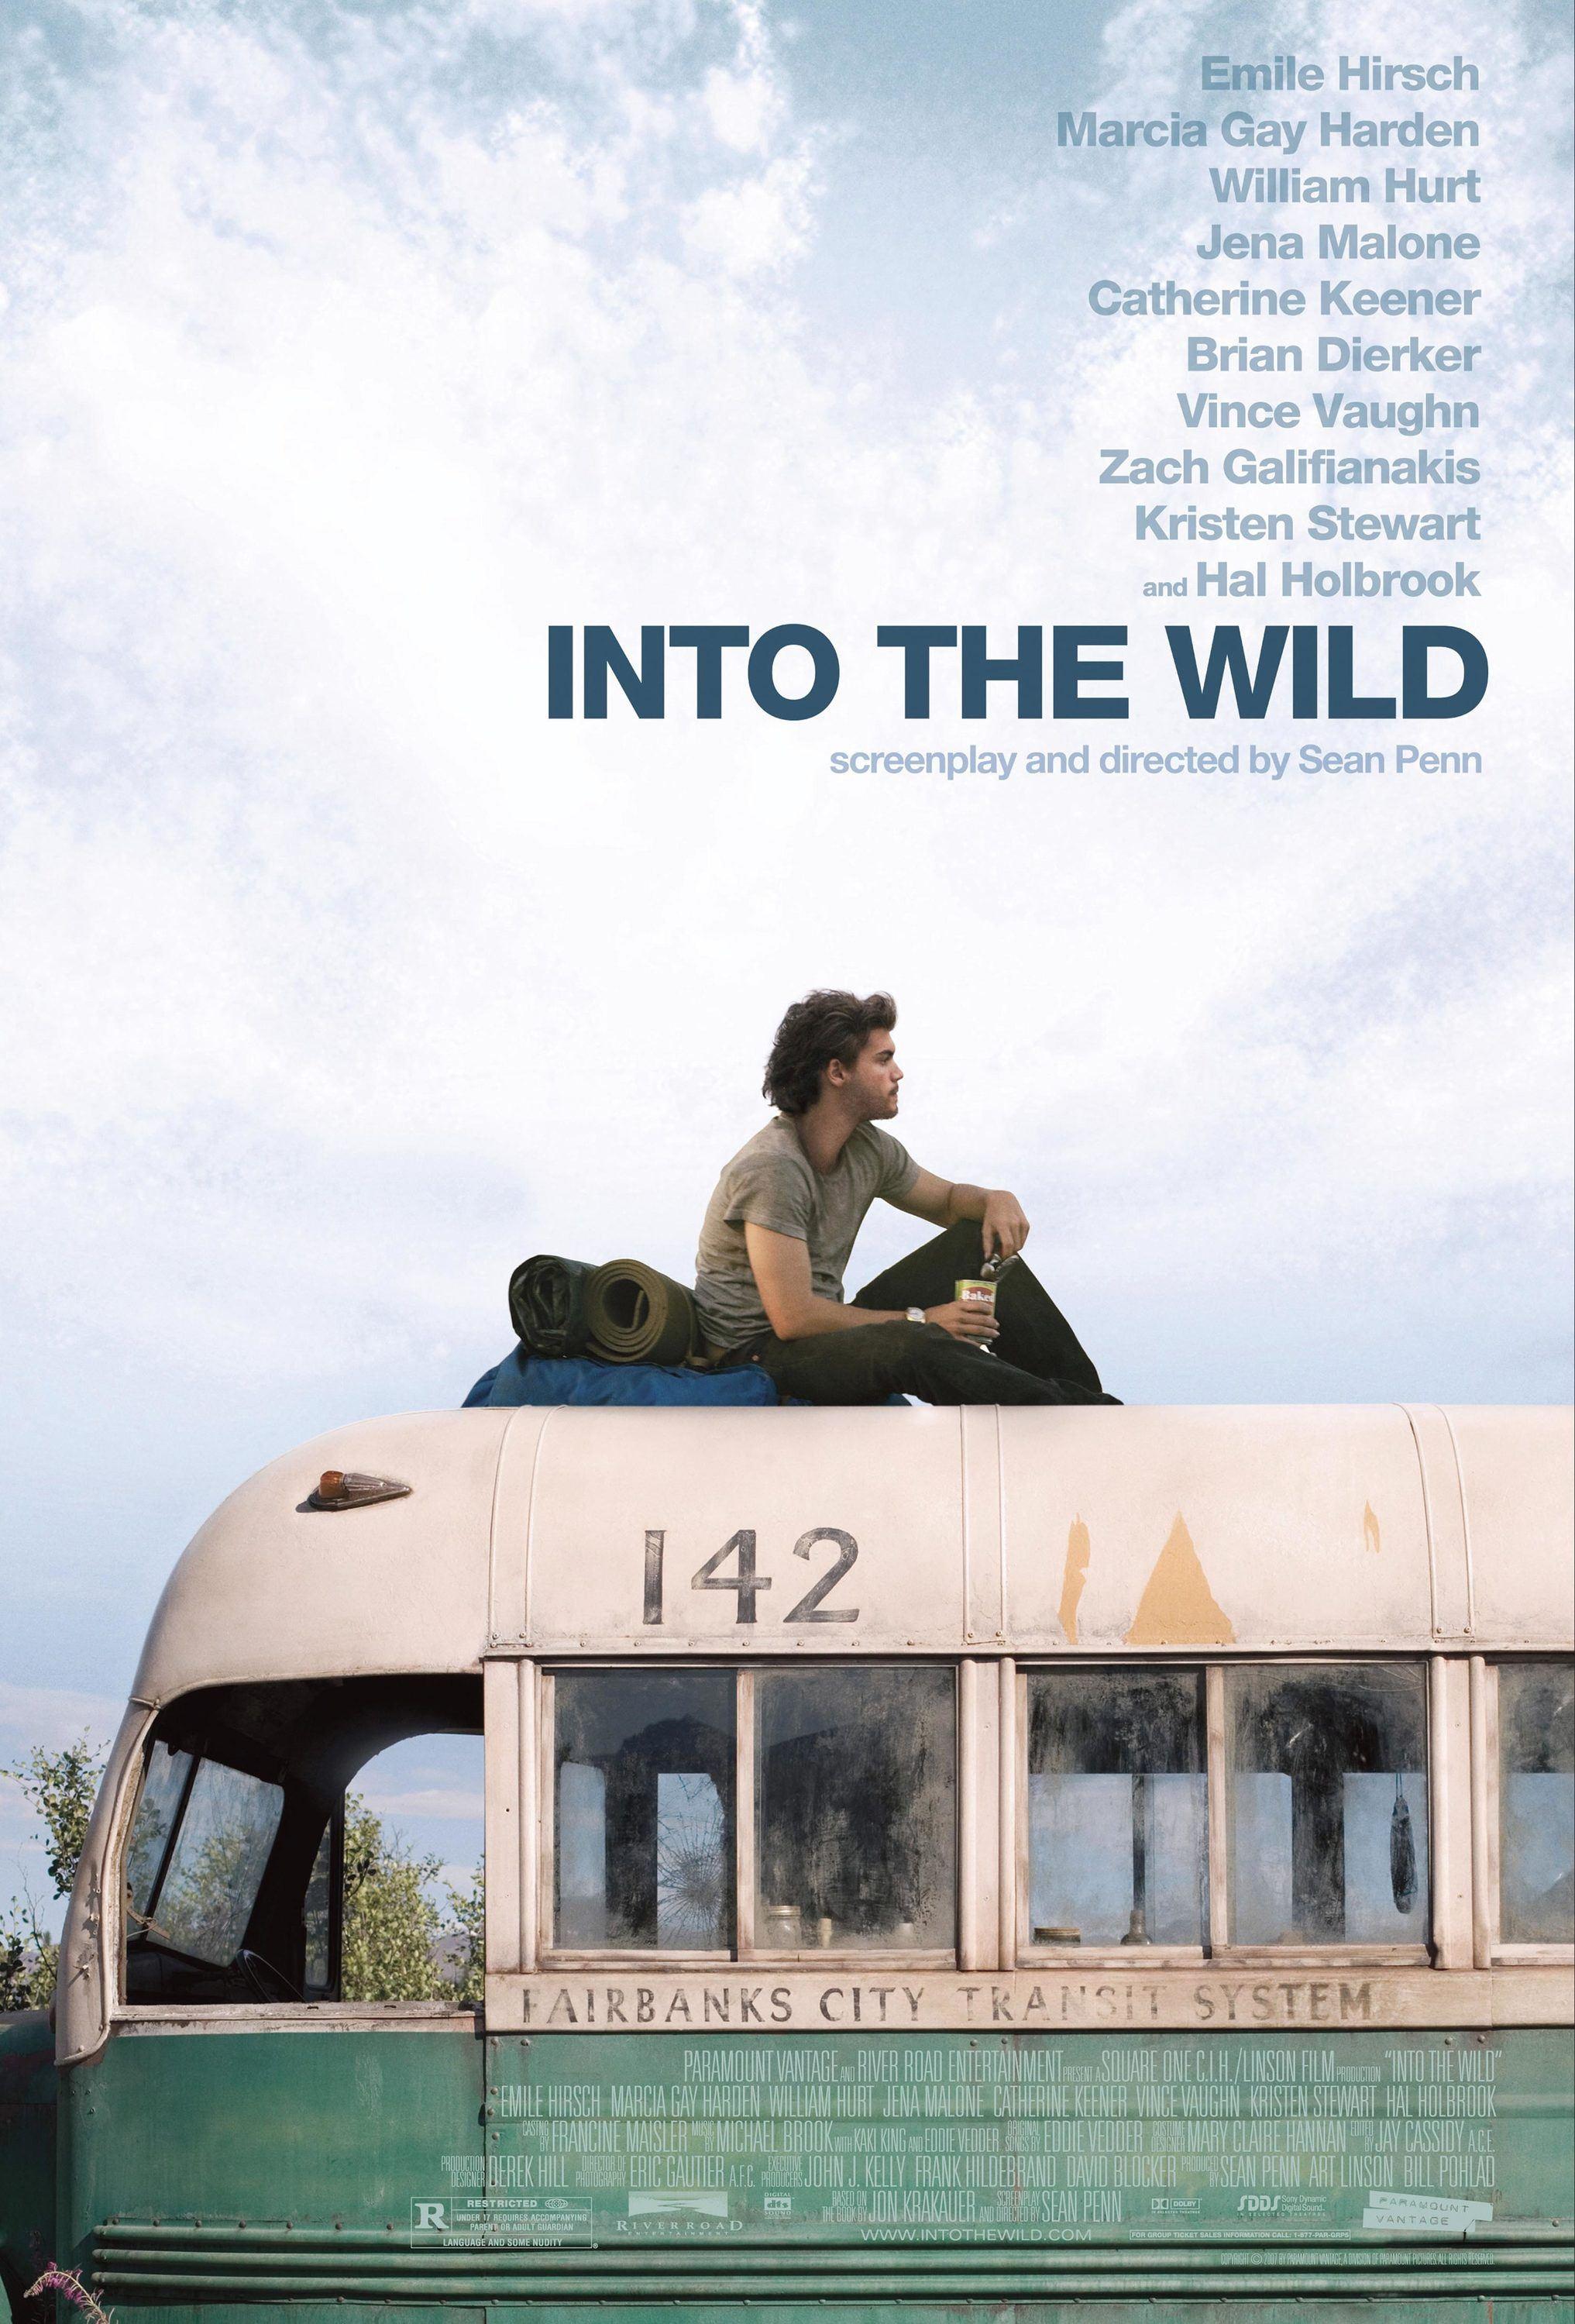 Intro the Wild